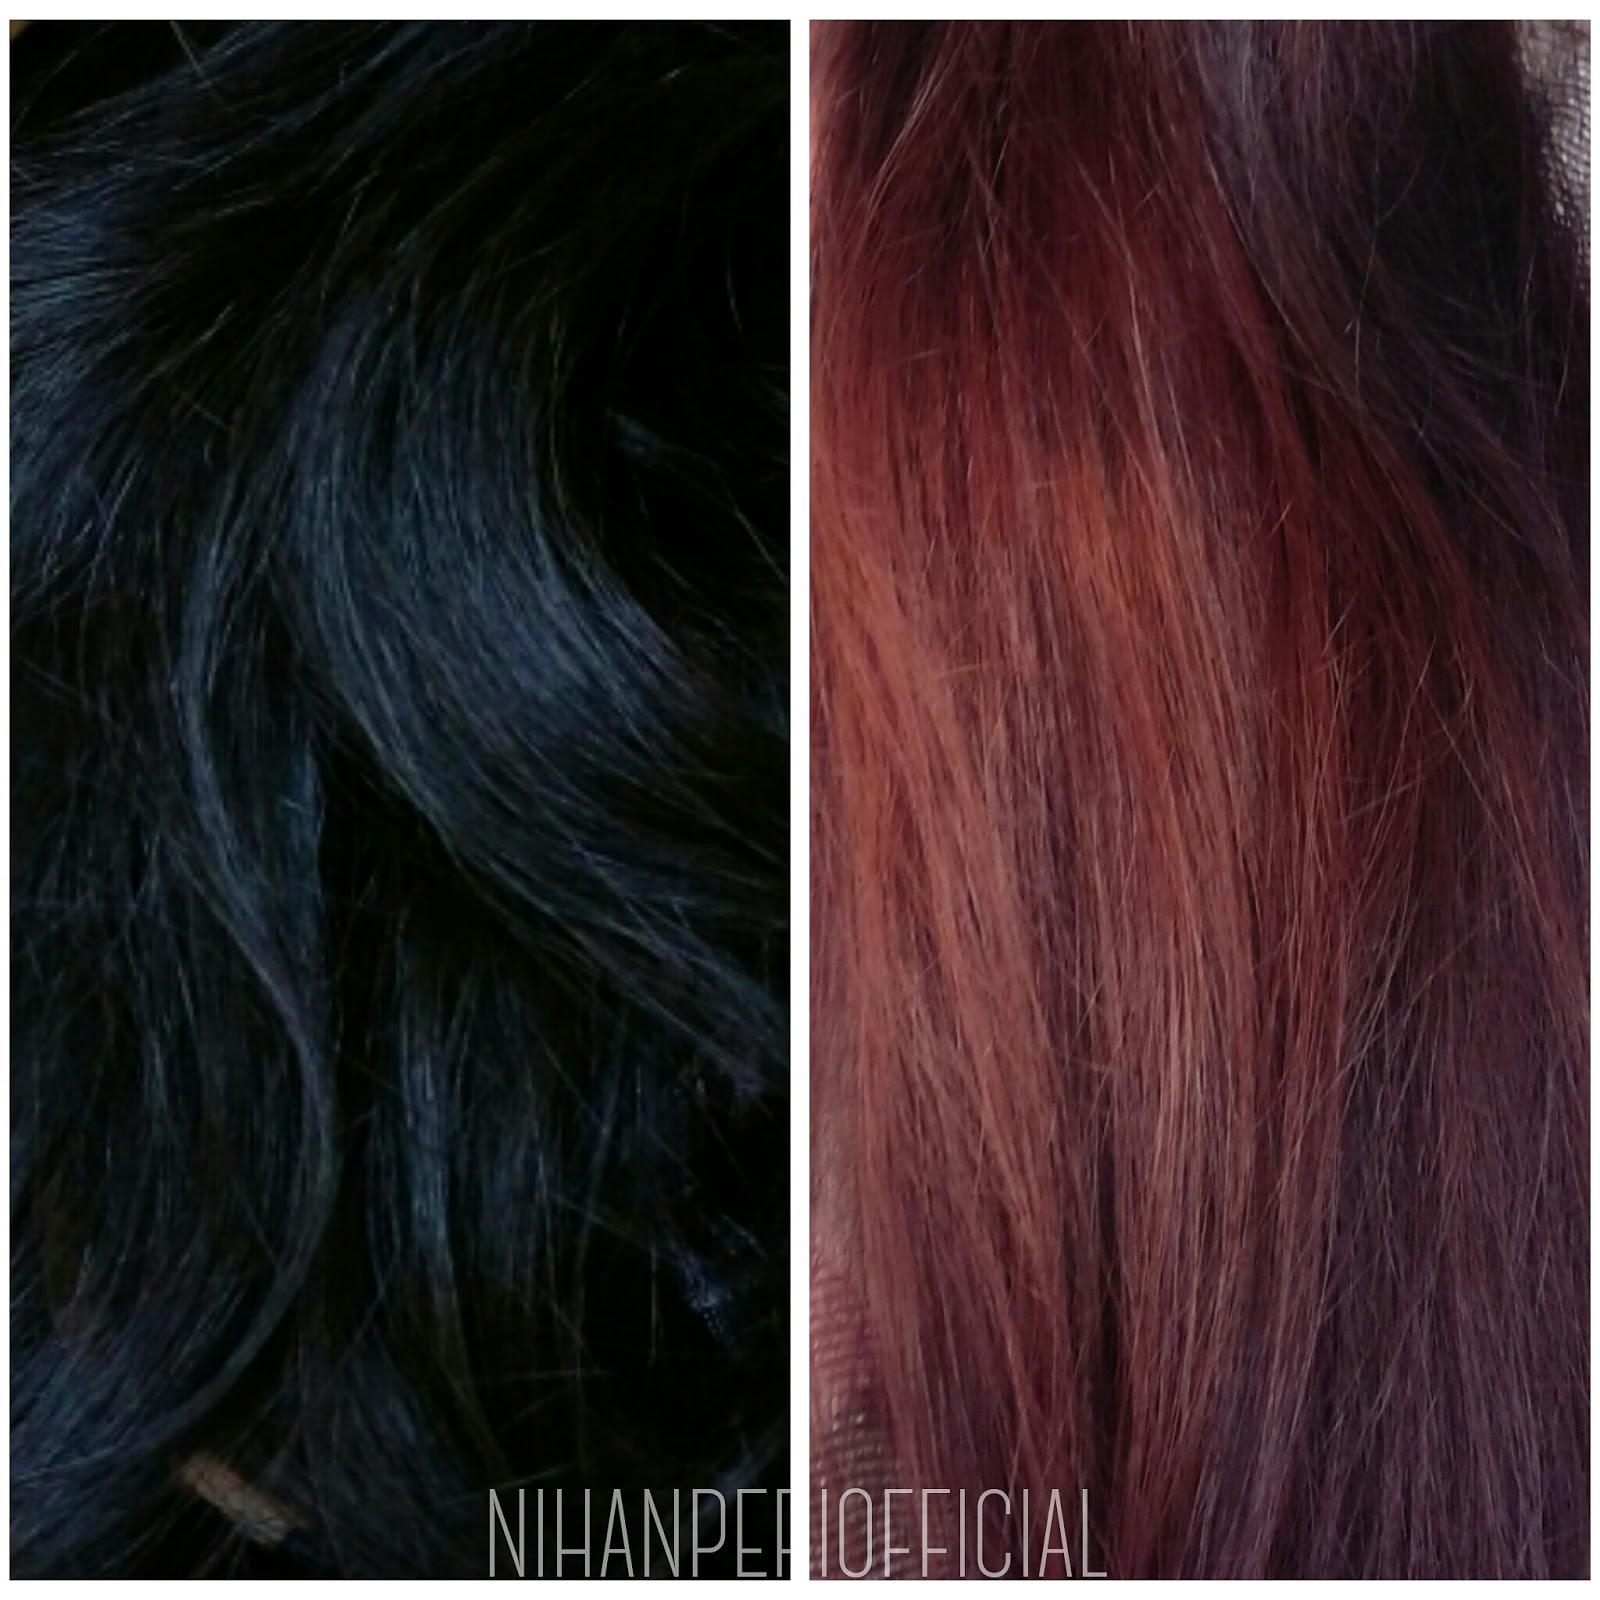 Hangi Mevsimde, Hangi Saç Rengini Kullanmalıyım İşte Öneriler